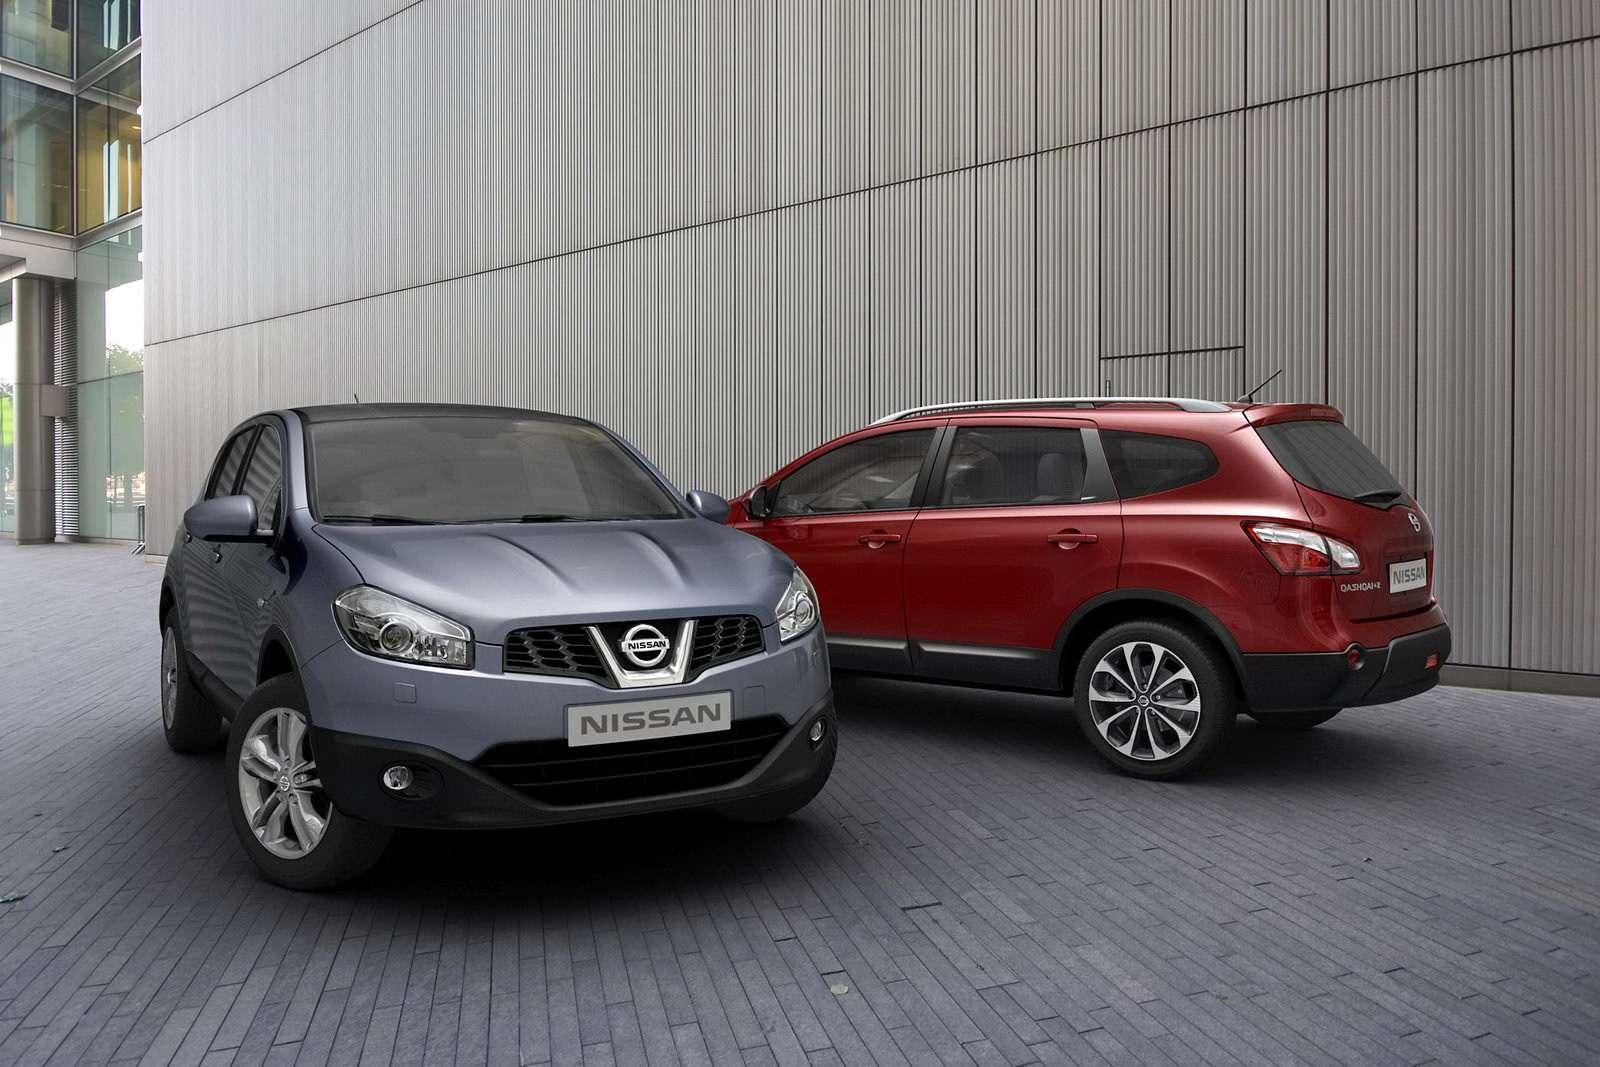 Nissan Qashqai 2010 pierwsze oficjalne zdjecia modelu po faceliftingu 2009